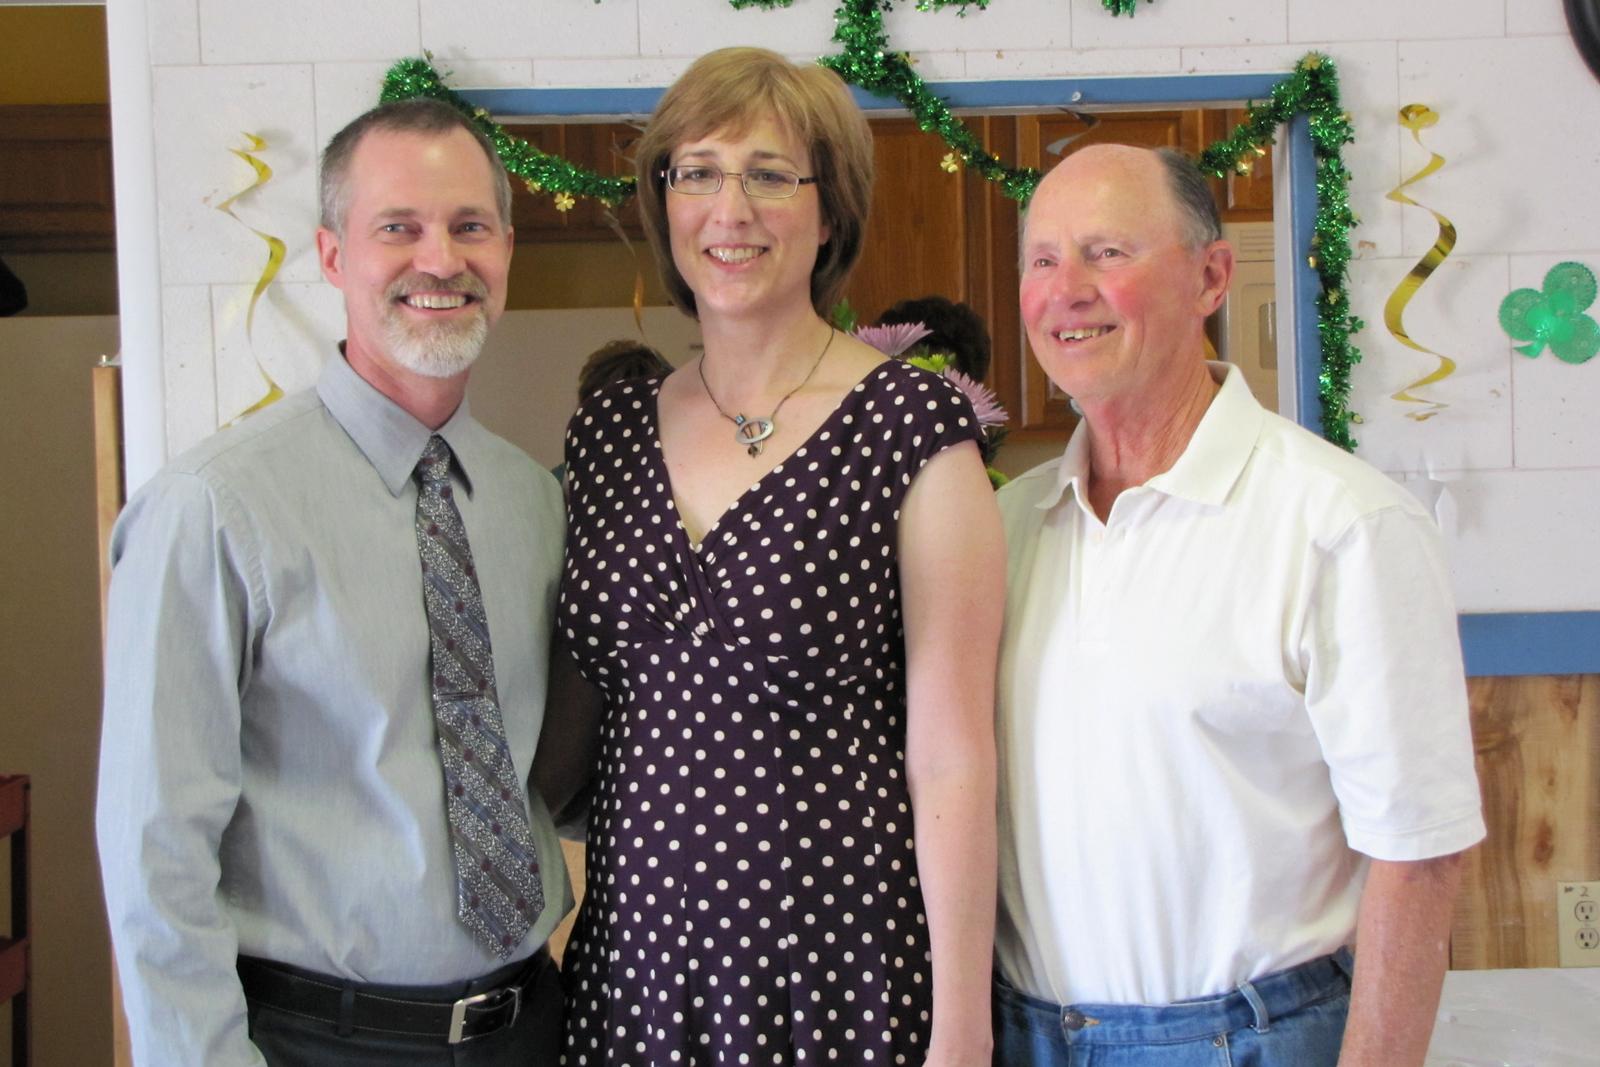 Matt and Karen Beck with Dean Beck (Matt's father). Wanda and Willie Moeller's 50th Wedding Anniversary celebration, Gila Mt. RV Park, Yuma, AZ. Mar. 10, 2012.